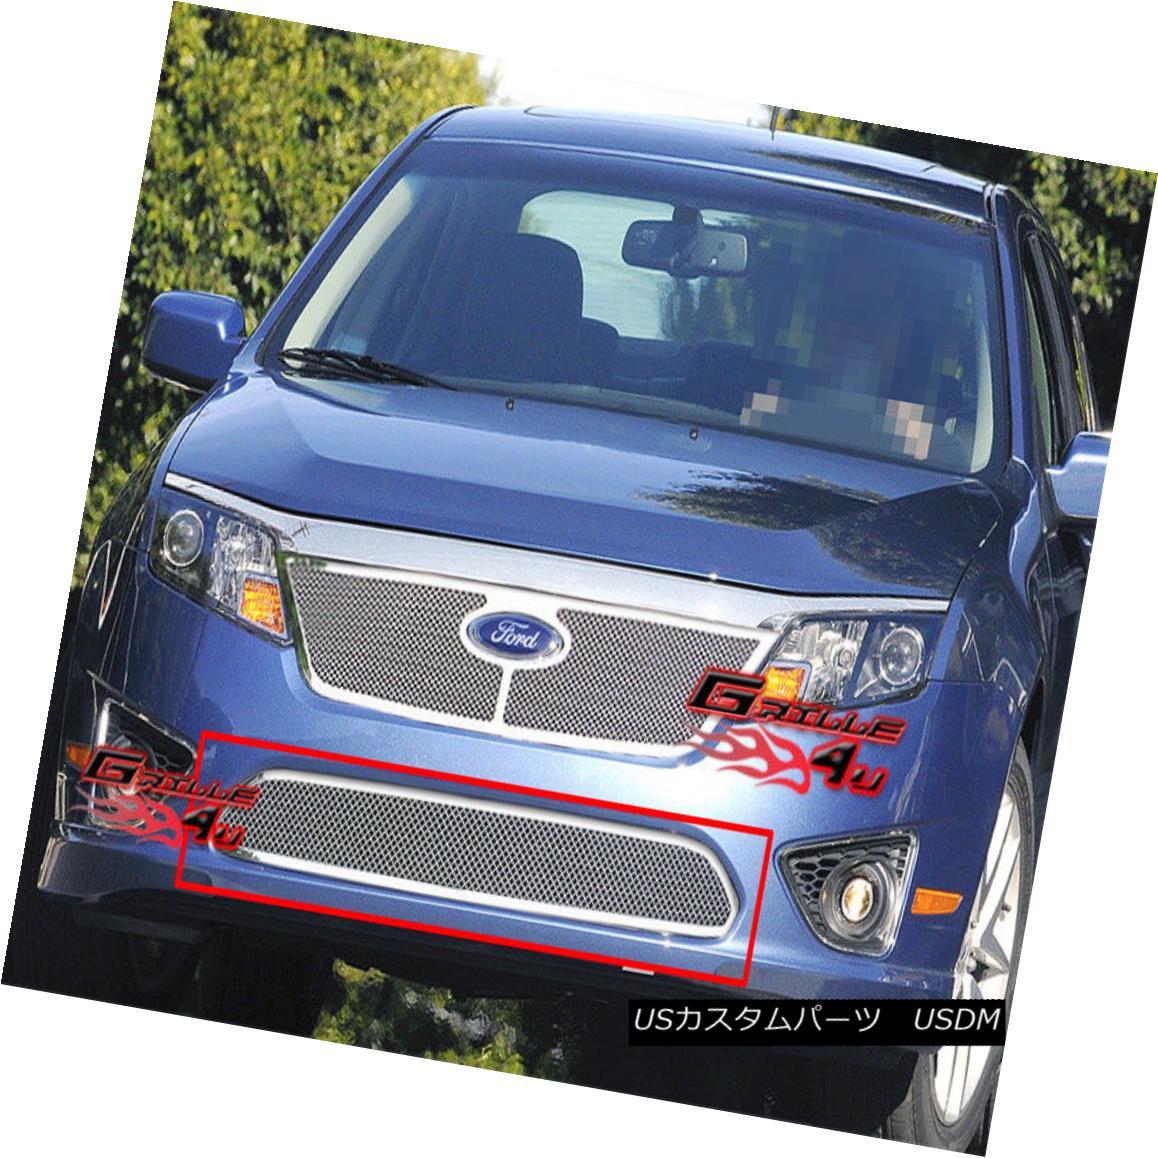 グリル For 10-11 2011 Ford Fusion Bumper Stainless Mesh Grille 10-11 2011年フォードフュージョンバンパーステンレスメッシュグリル